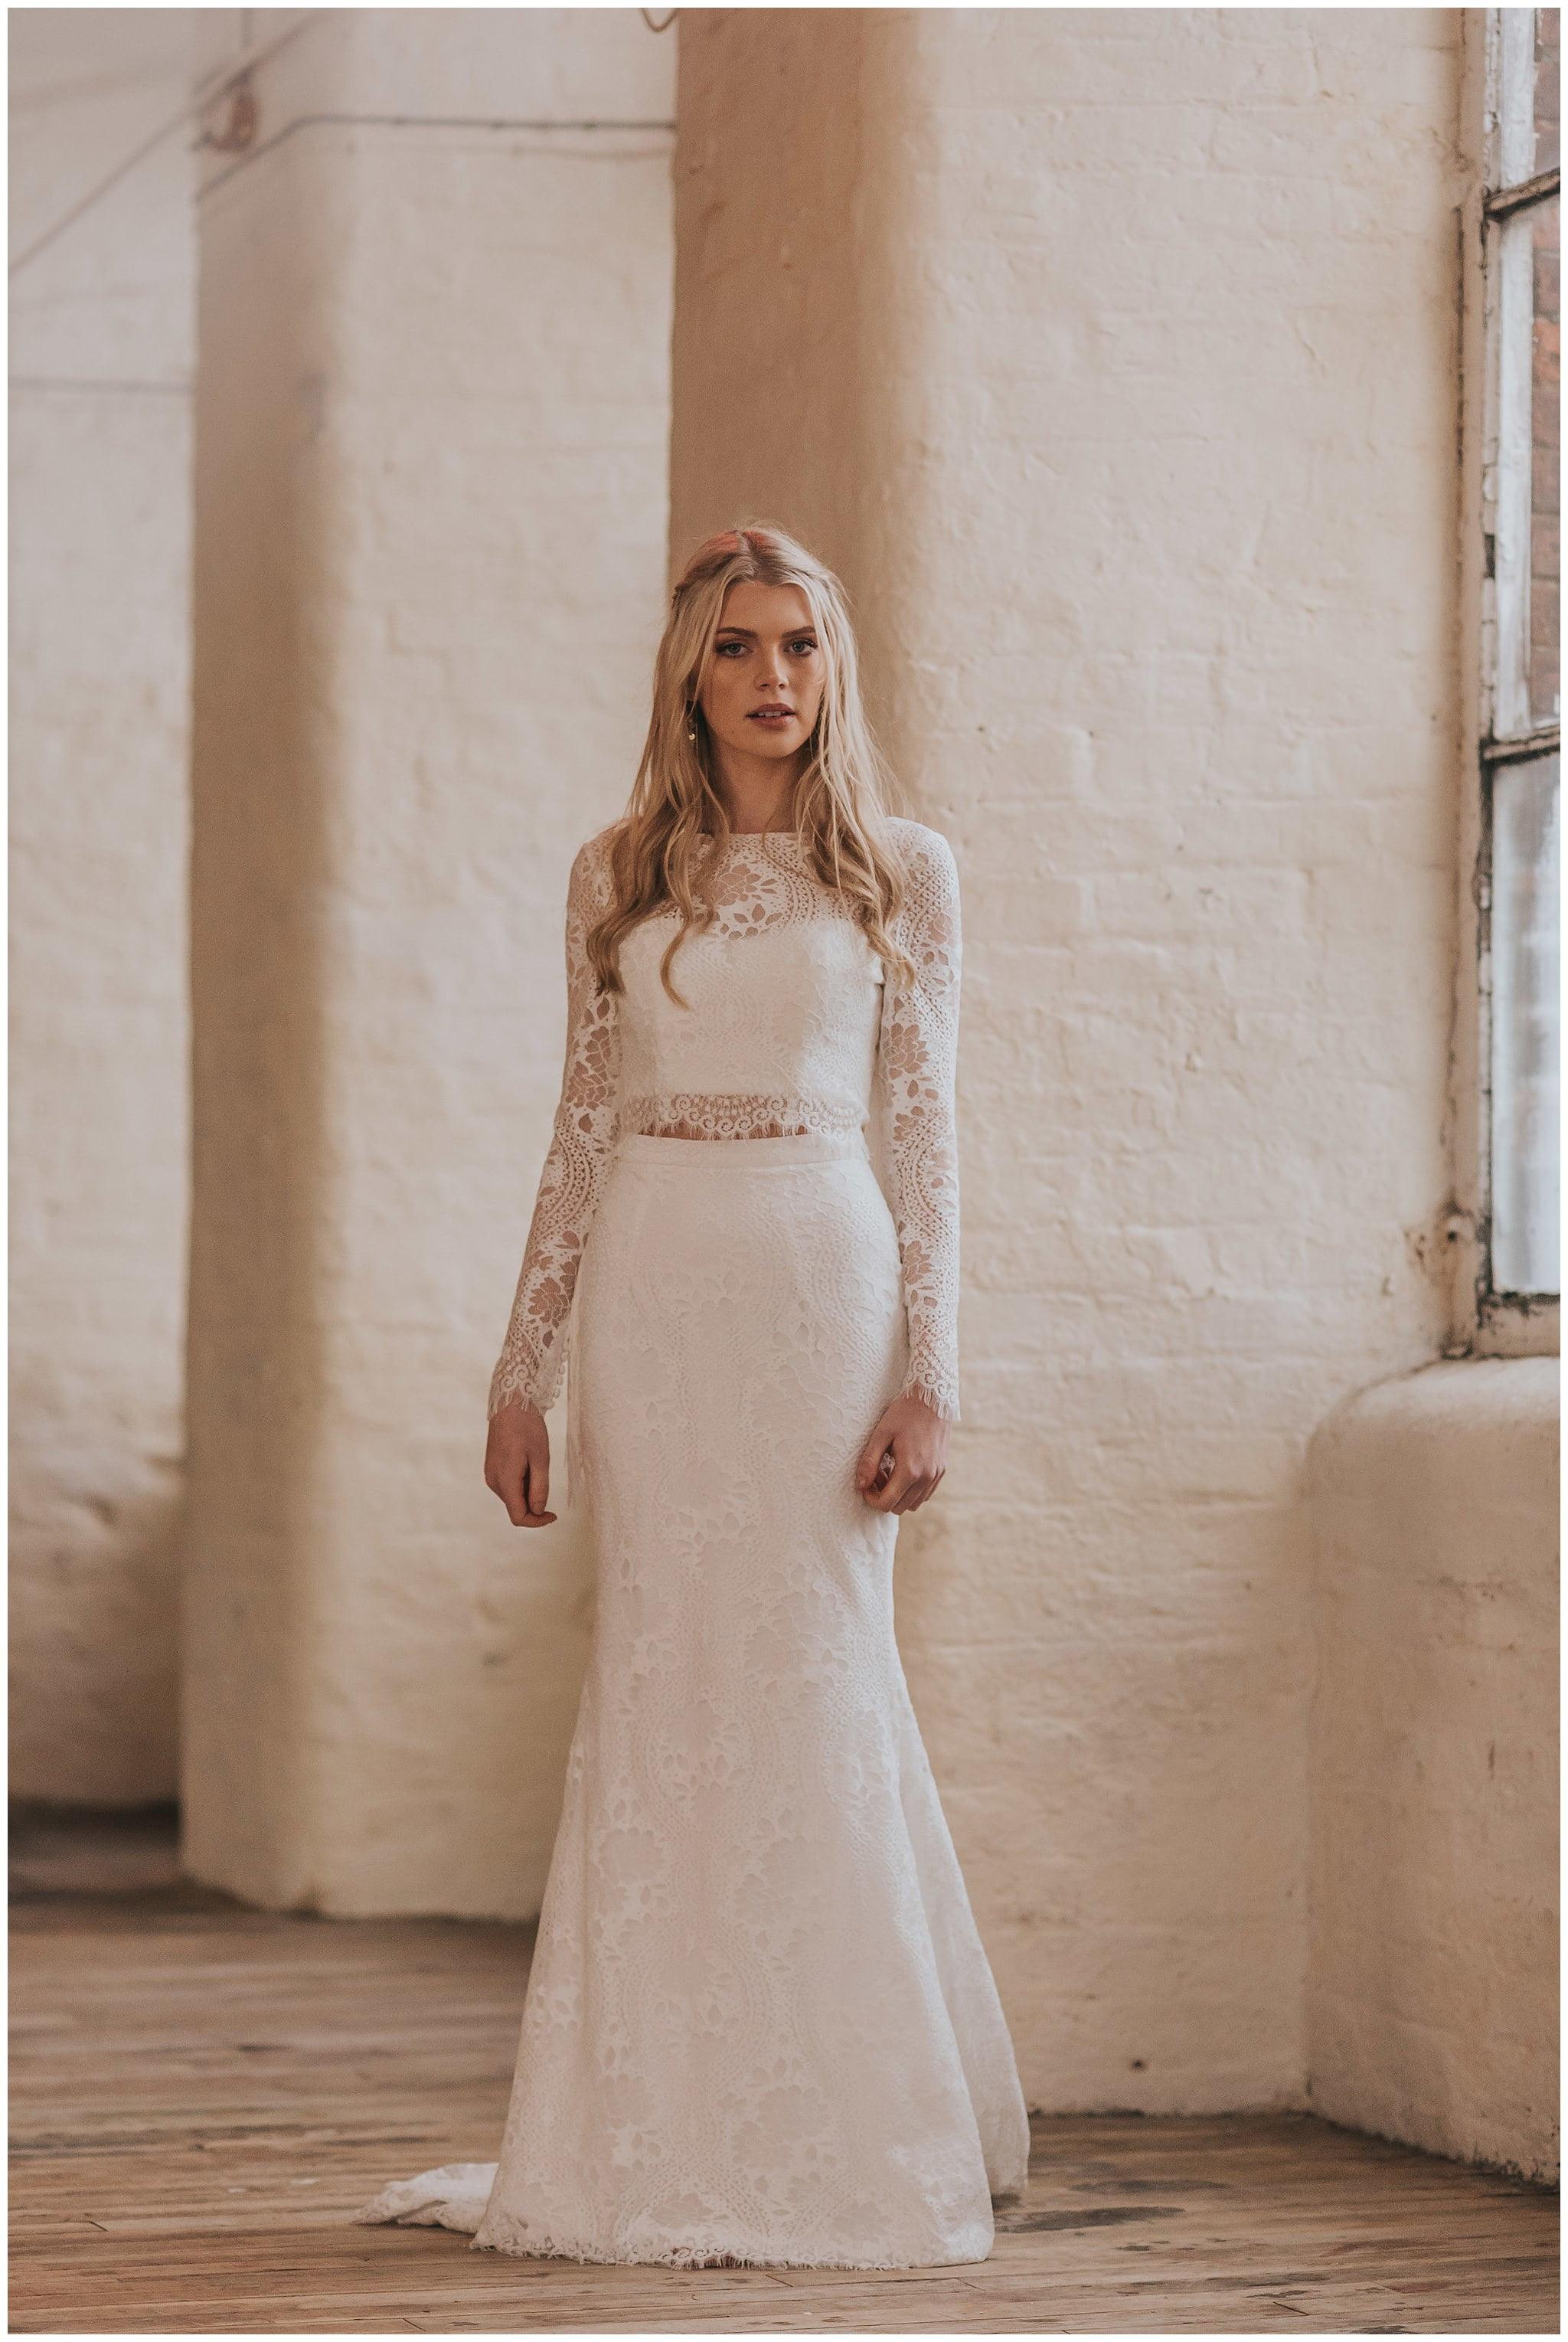 549c85e7ec28 Shikoba Bride - Boho Wedding Dresses Available Worldwide